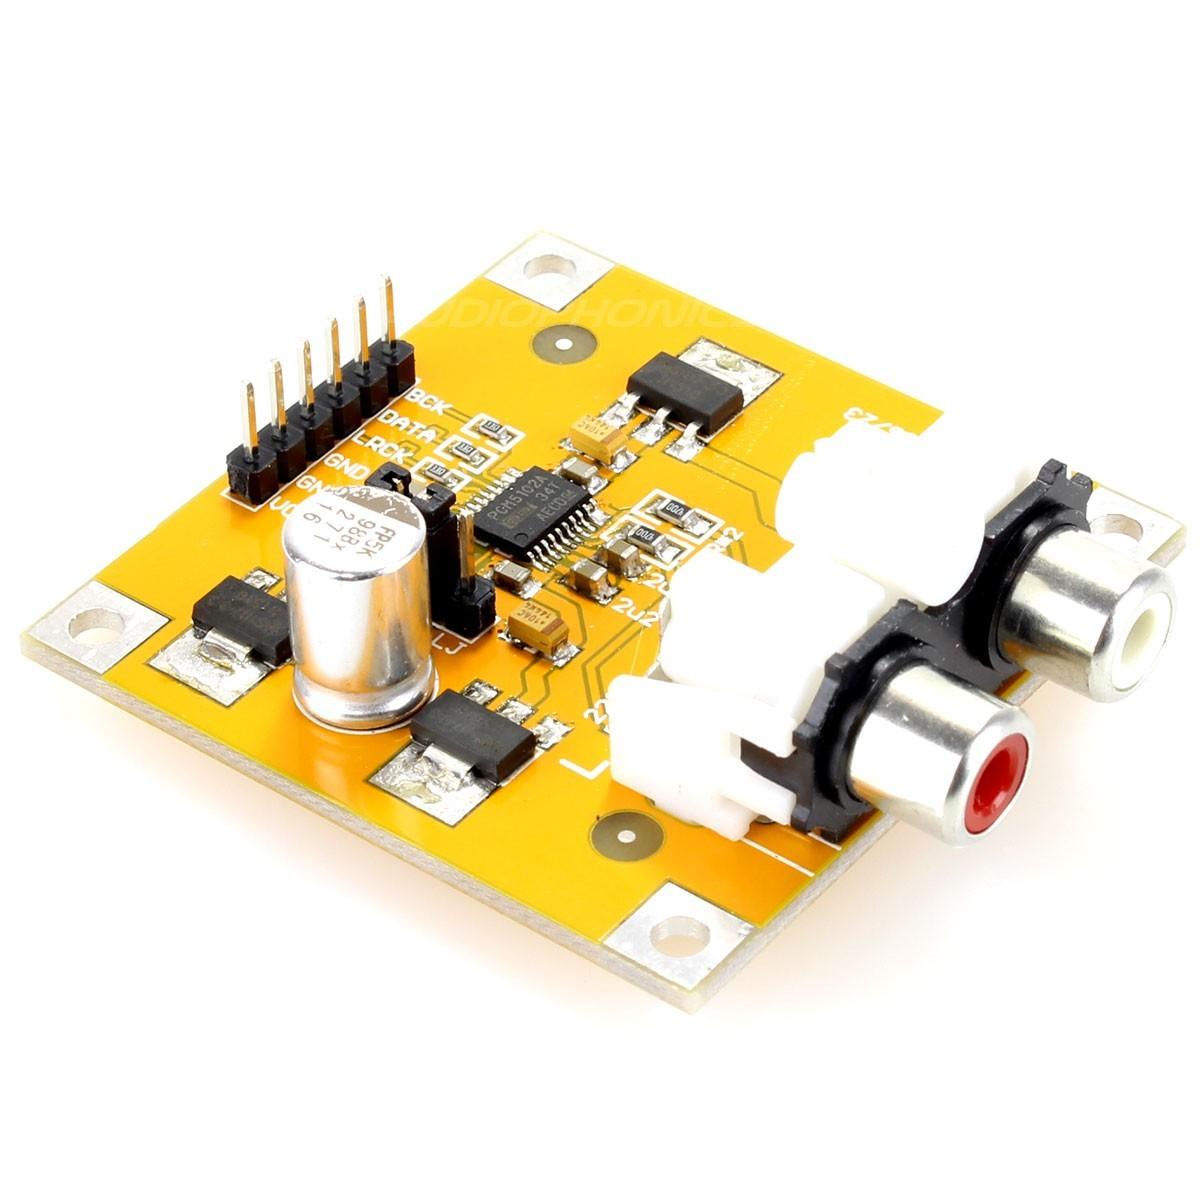 DAC PCM5102 I2S 32bit/384kHz Raspberry PI